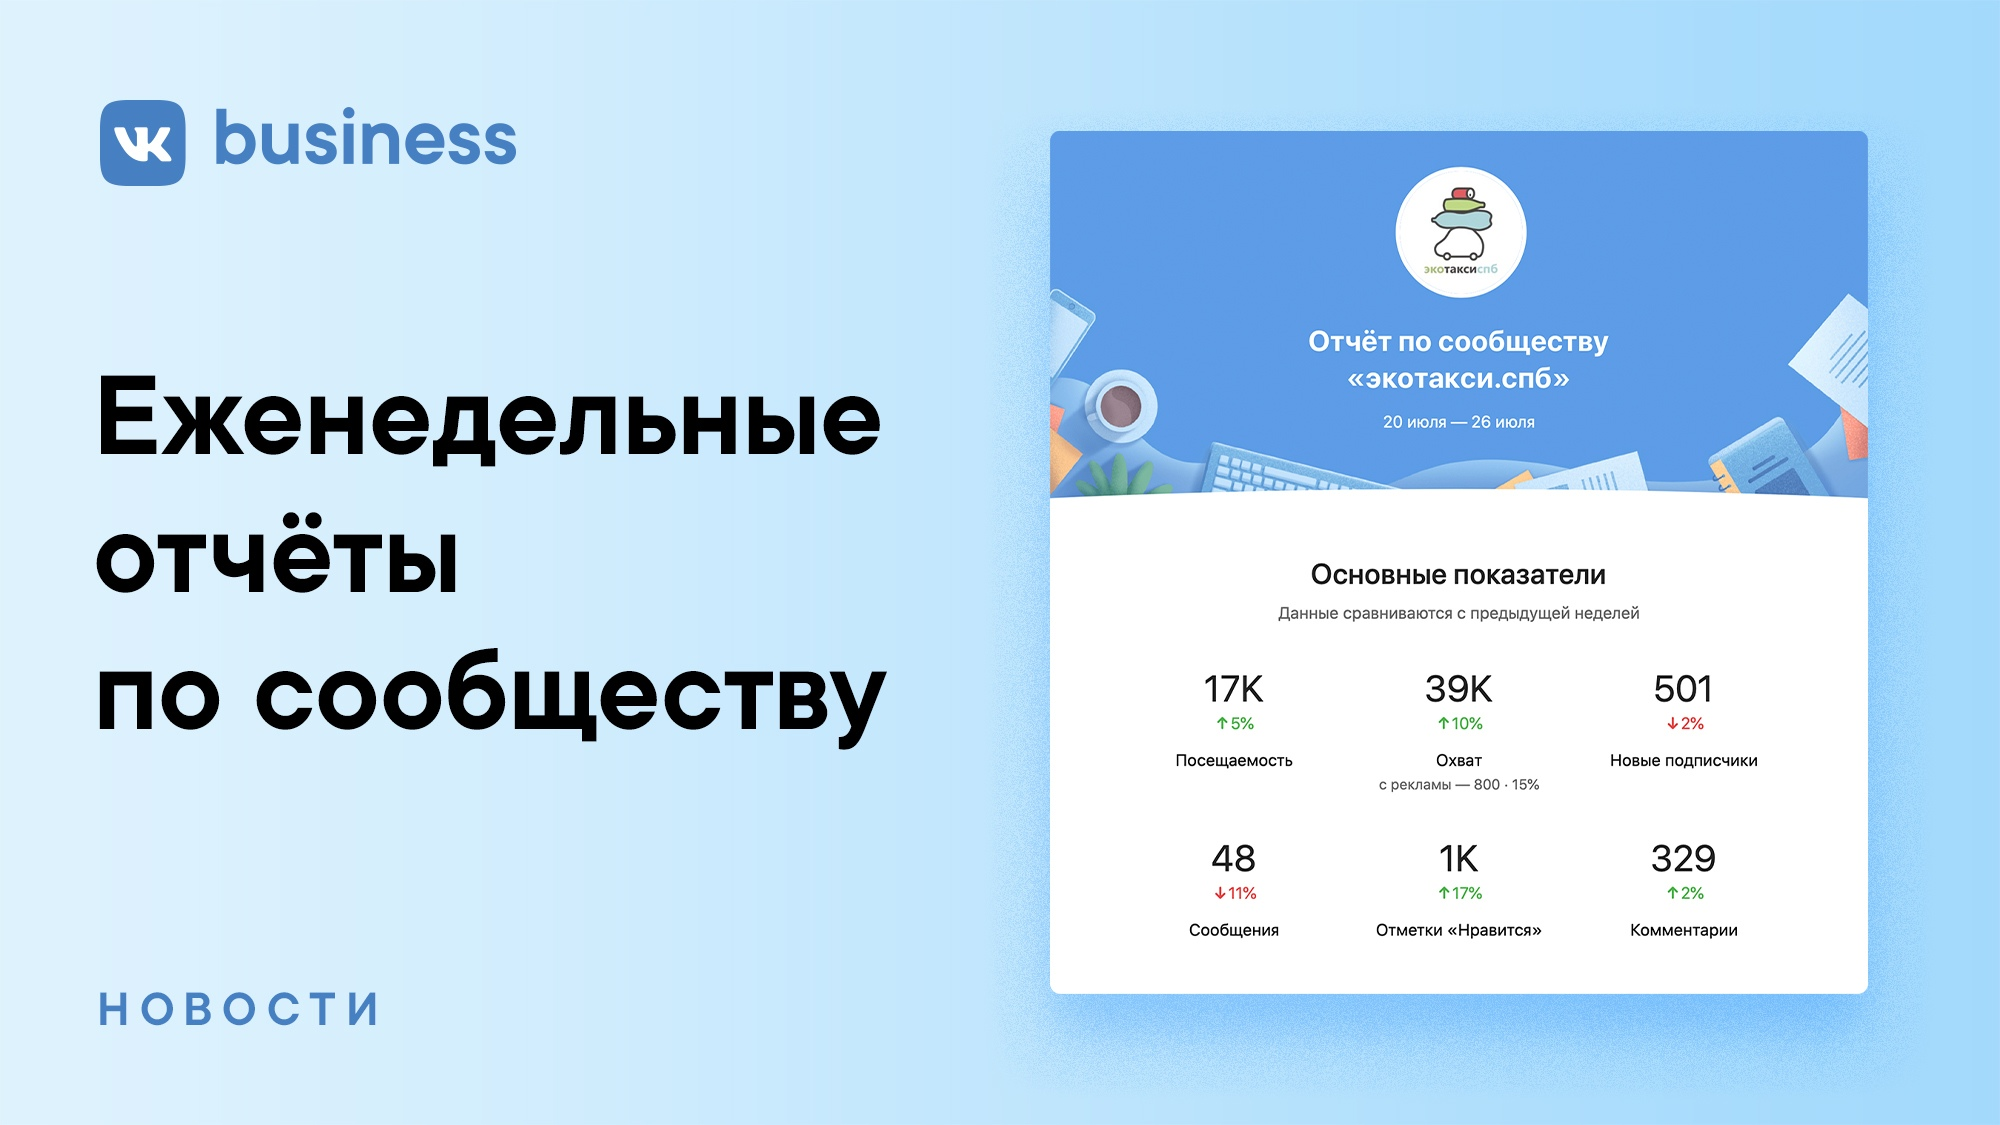 ВКонтакте для бизнеса запускает еженедельные отчеты